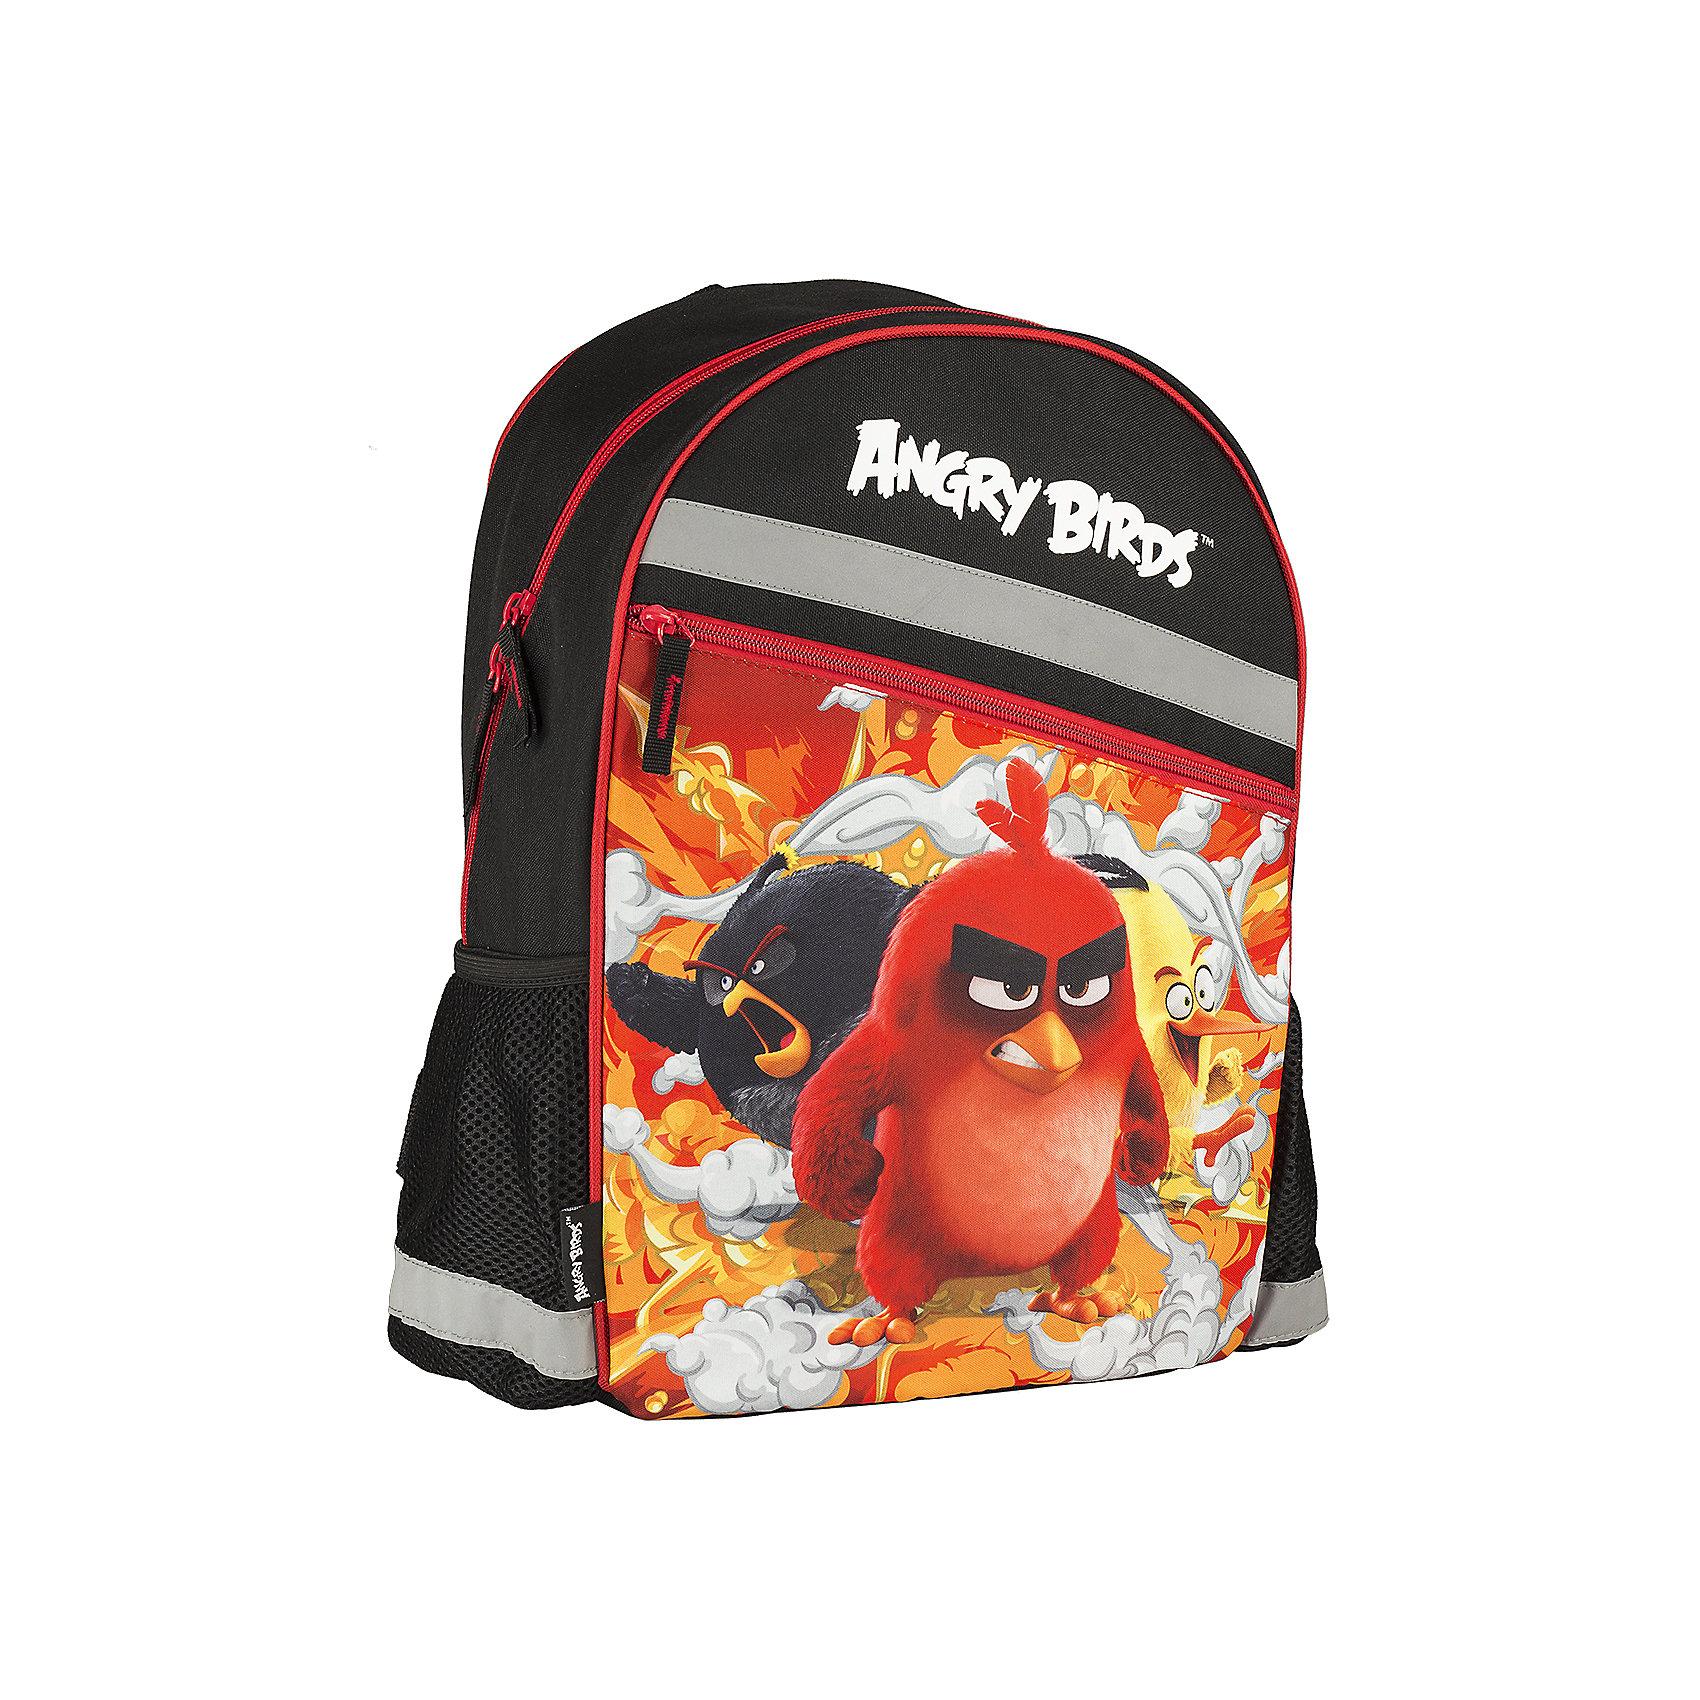 Школьный рюкзак Angry BirdsРюкзаки<br>Рюкзак, Angry Birds - прекрасный вариант для школьных занятий. Рюкзак выполнен из прочного полиэстера и имеет оригинальный дизайн по мотивам нового мультфильма про популярных птичек Angry Birds. Мягкая спинка из поролона обтянута воздухообменной сеткой. Широкие<br>мягкие лямки, регулируемые по длине, равномерно распределяют нагрузку на плечевой пояс. Также есть удобная текстильная ручка, за которую можно нести ранец. Ранец закрывается на застежку-молнию, внутри большое просторное отделение с одним открытым карманом и<br>карманом на молнии. По бокам расположены два маленьких сетчатых кармана. Светоотражающие элементы повышают безопасность ребенка на дороге.<br><br><br>Дополнительная информация:<br><br>- Материал: полиэстер. <br>- Объем: 19,2 л.<br>- Размер: 40 х 30 х 16 см.<br>- Вес: 0,46 кг.<br><br>Рюкзак, Angry Birds, можно купить в нашем интернет-магазине.<br><br>Ширина мм: 300<br>Глубина мм: 160<br>Высота мм: 400<br>Вес г: 460<br>Возраст от месяцев: 72<br>Возраст до месяцев: 108<br>Пол: Мужской<br>Возраст: Детский<br>SKU: 4681151